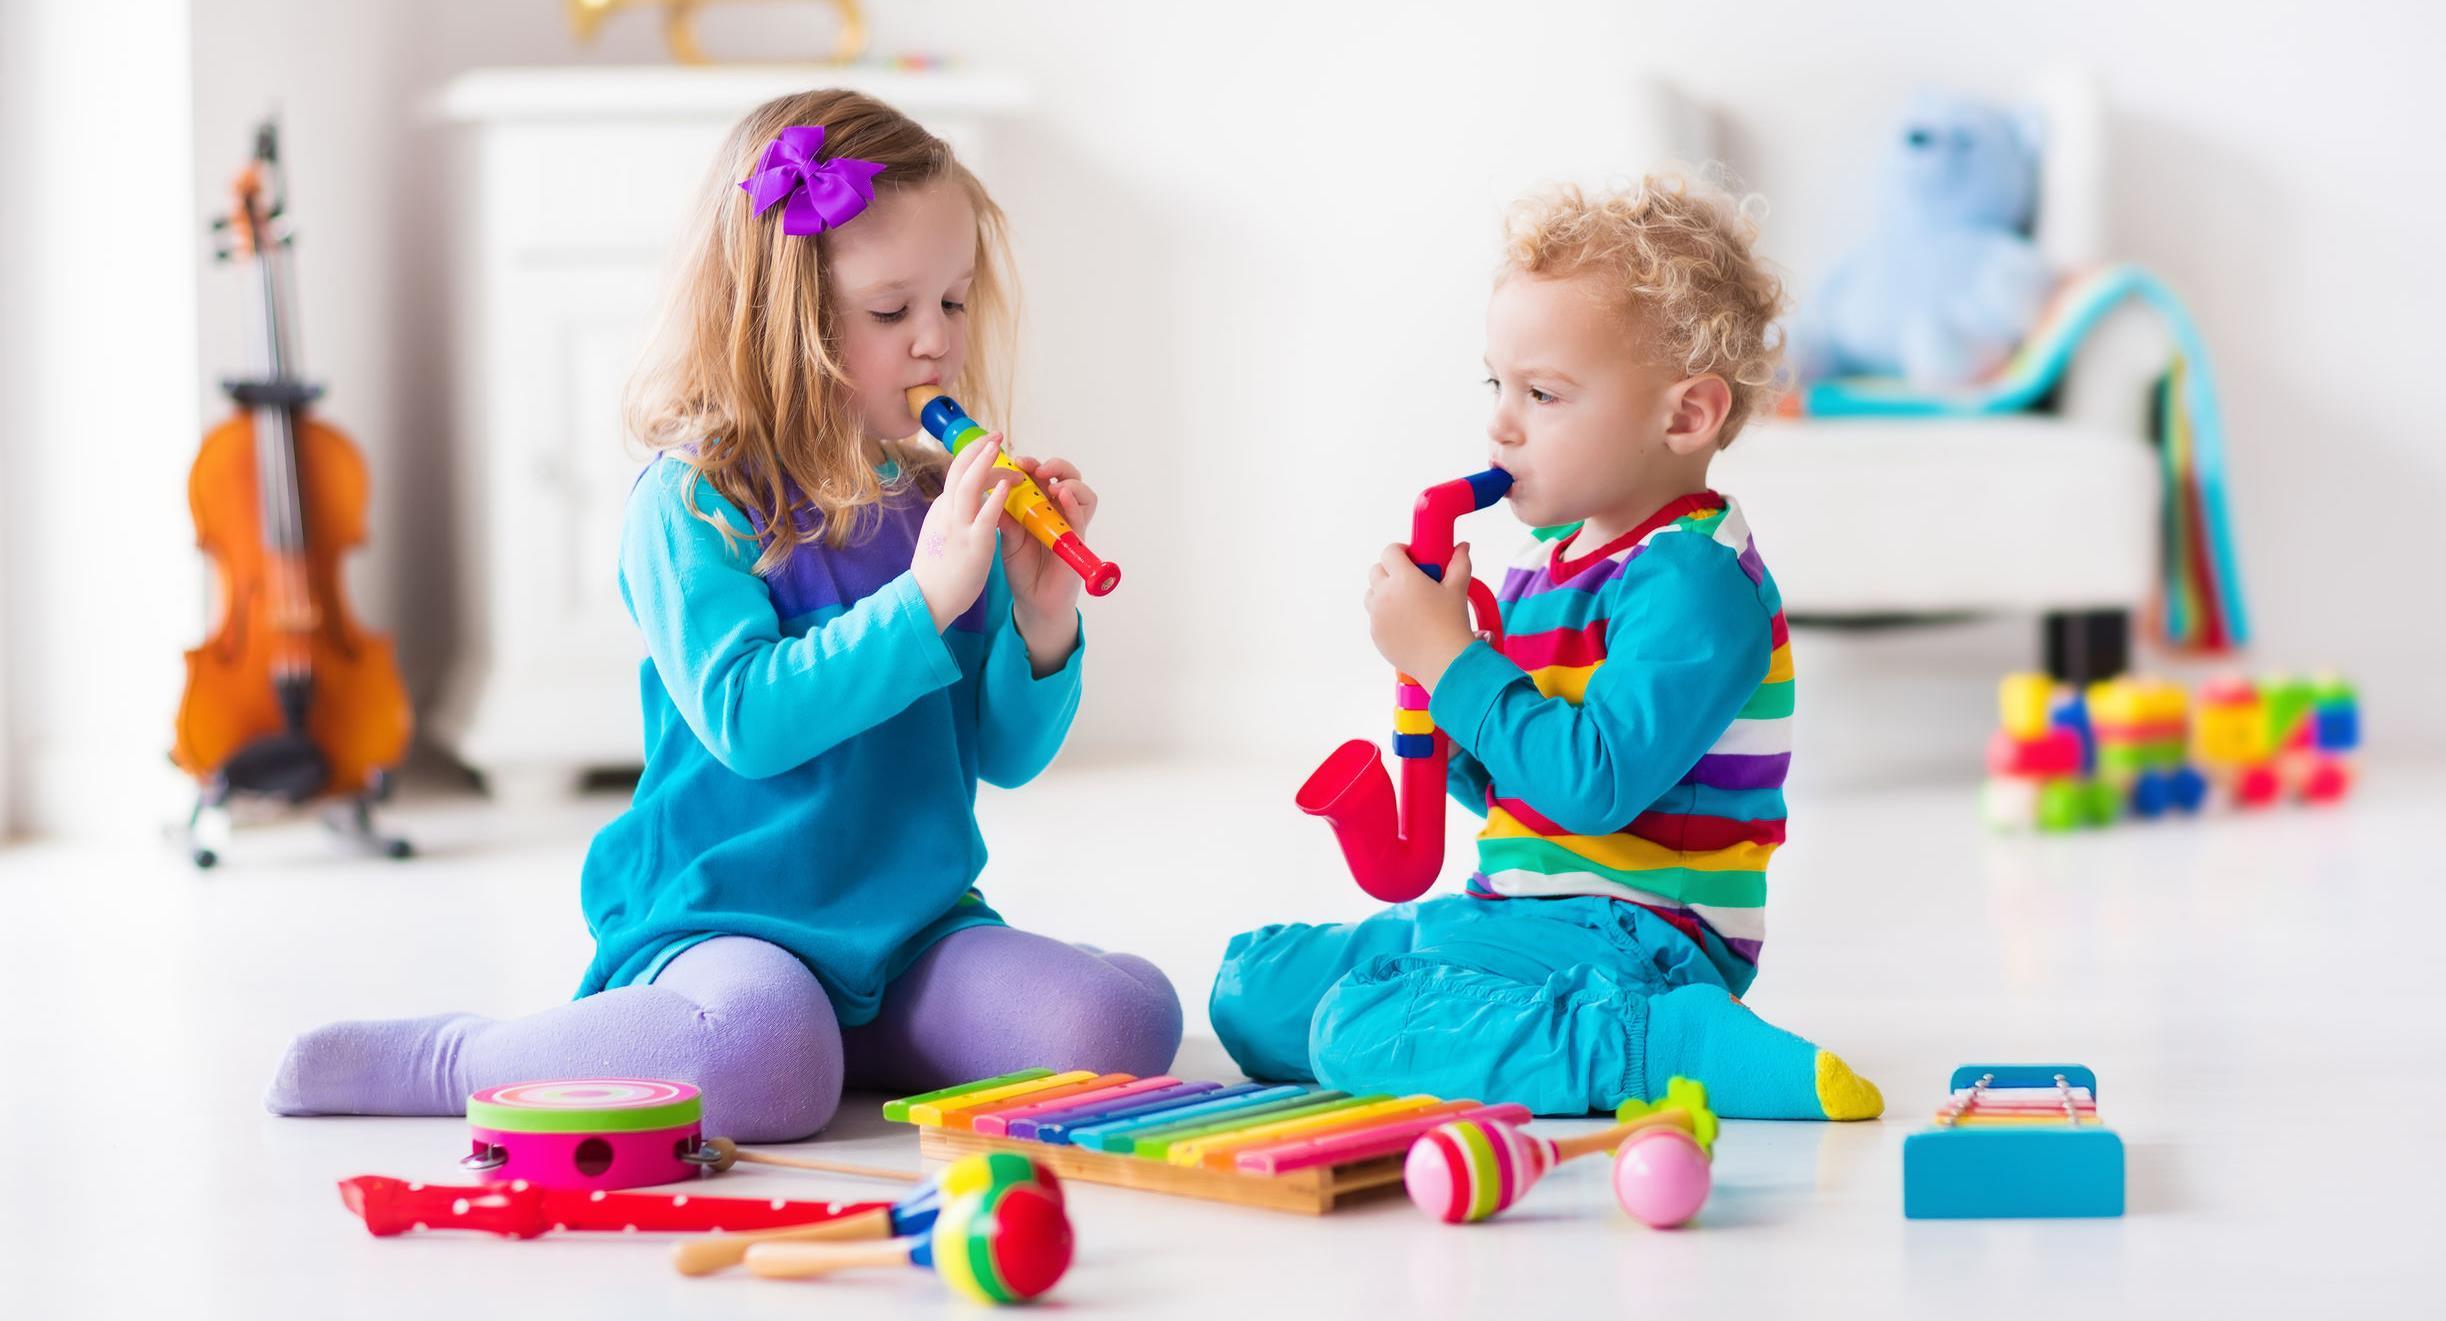 Zabawa muzyką - zestawienie zabawek muzycznych